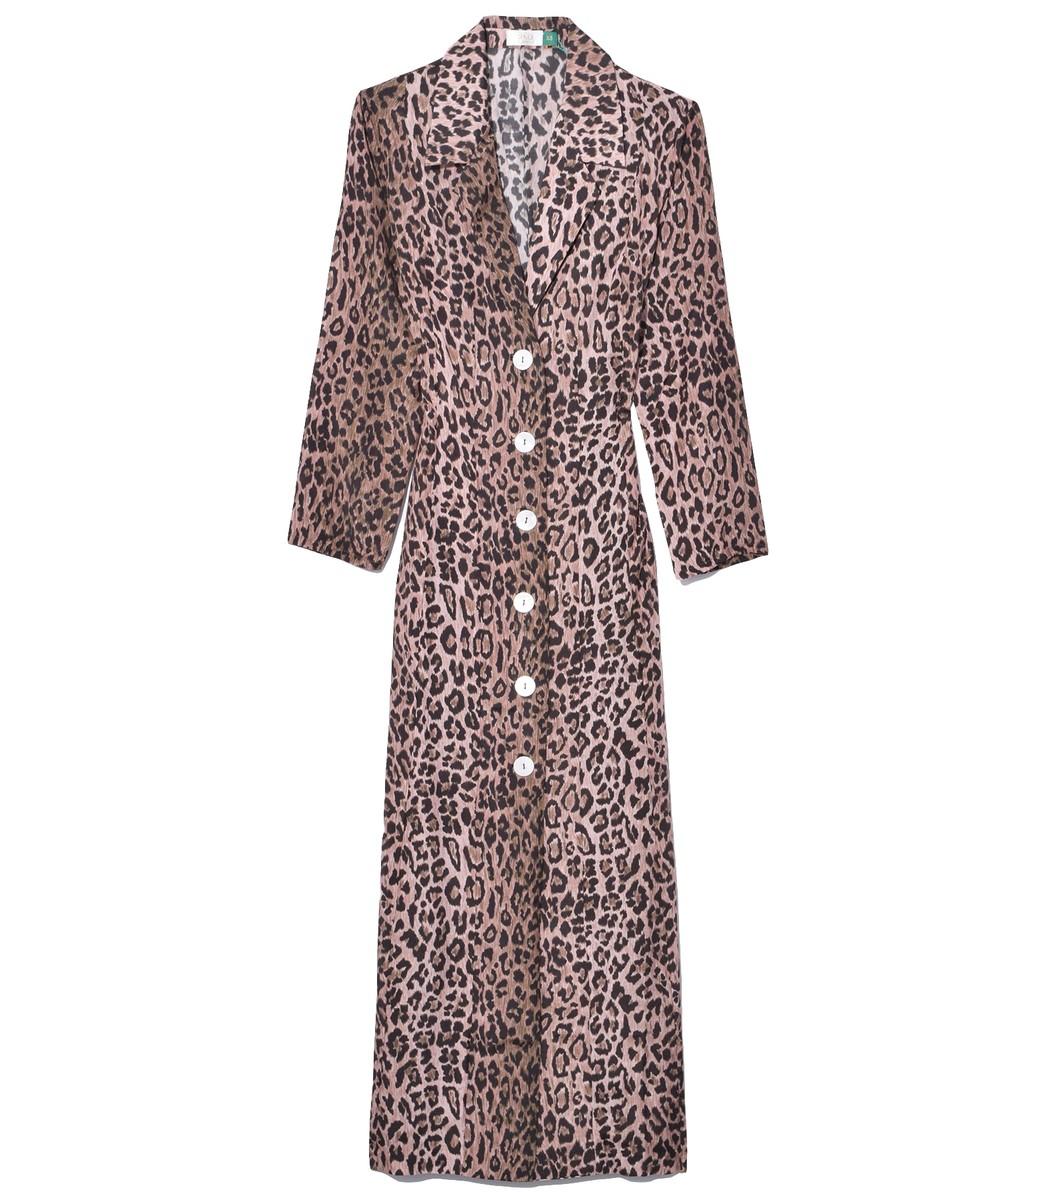 Rixo London Sienna Dress in Leopard